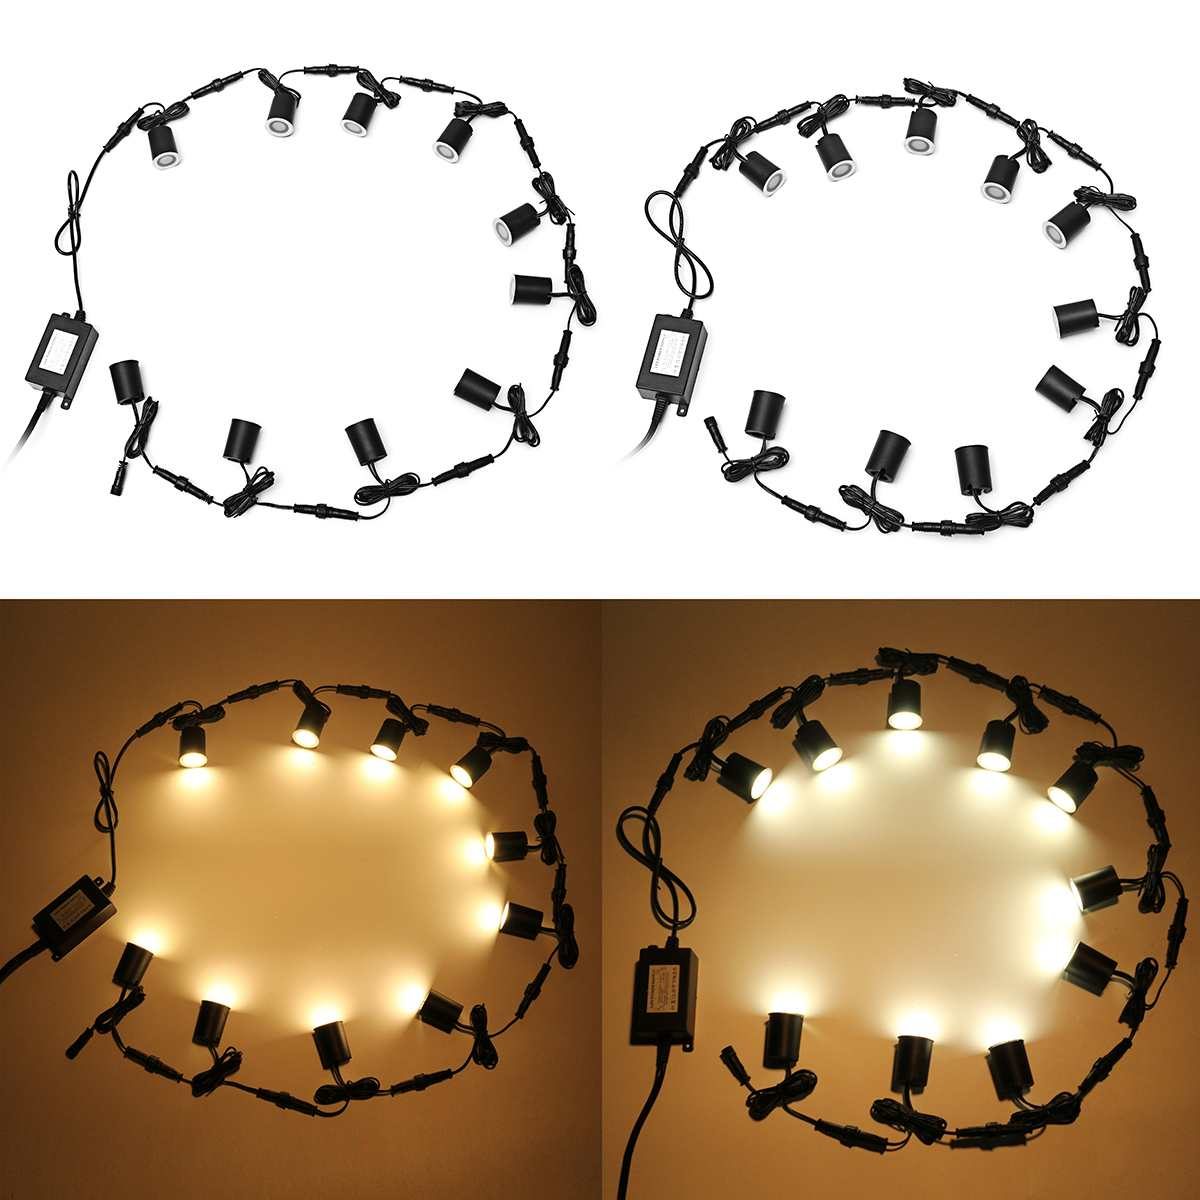 Mising 10 adet/grup 32mm LED güverte ışığı Su Geçirmez Gömülü Lambalar Dış Gömme Merdiven Lambası LED Zemin Işık Duvar Spot